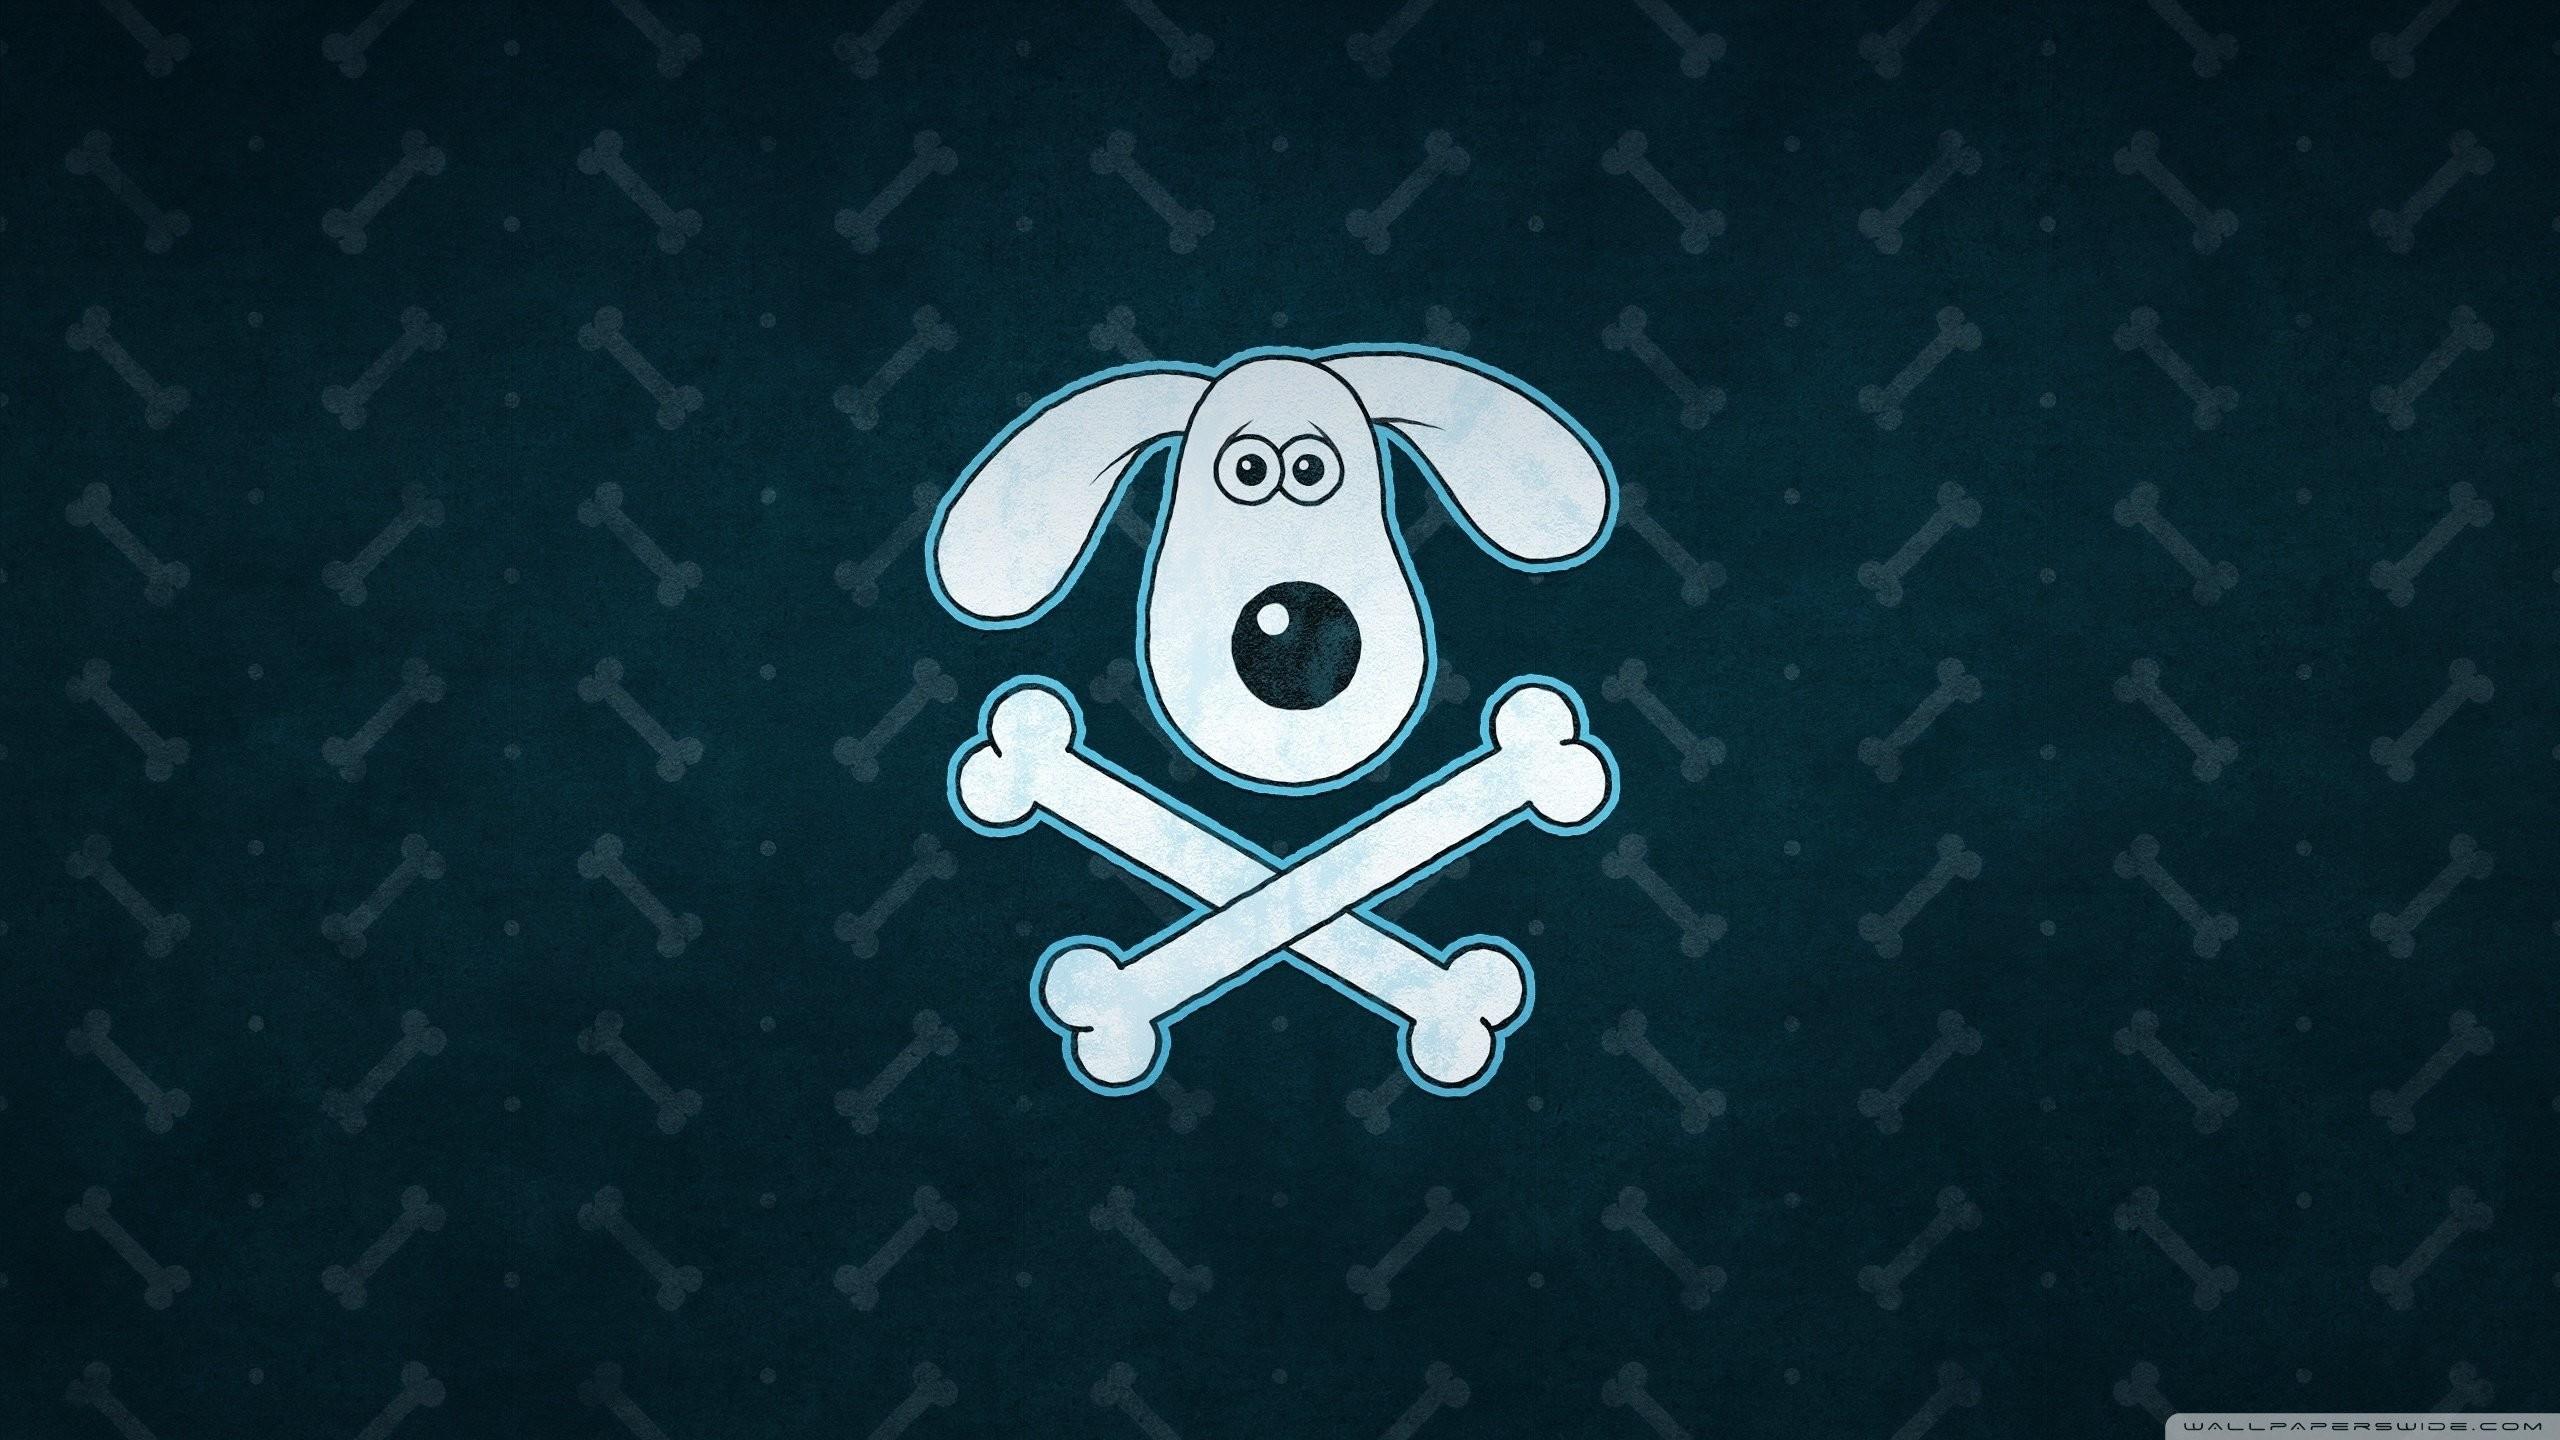 dog bone wallpaper (50+ images)